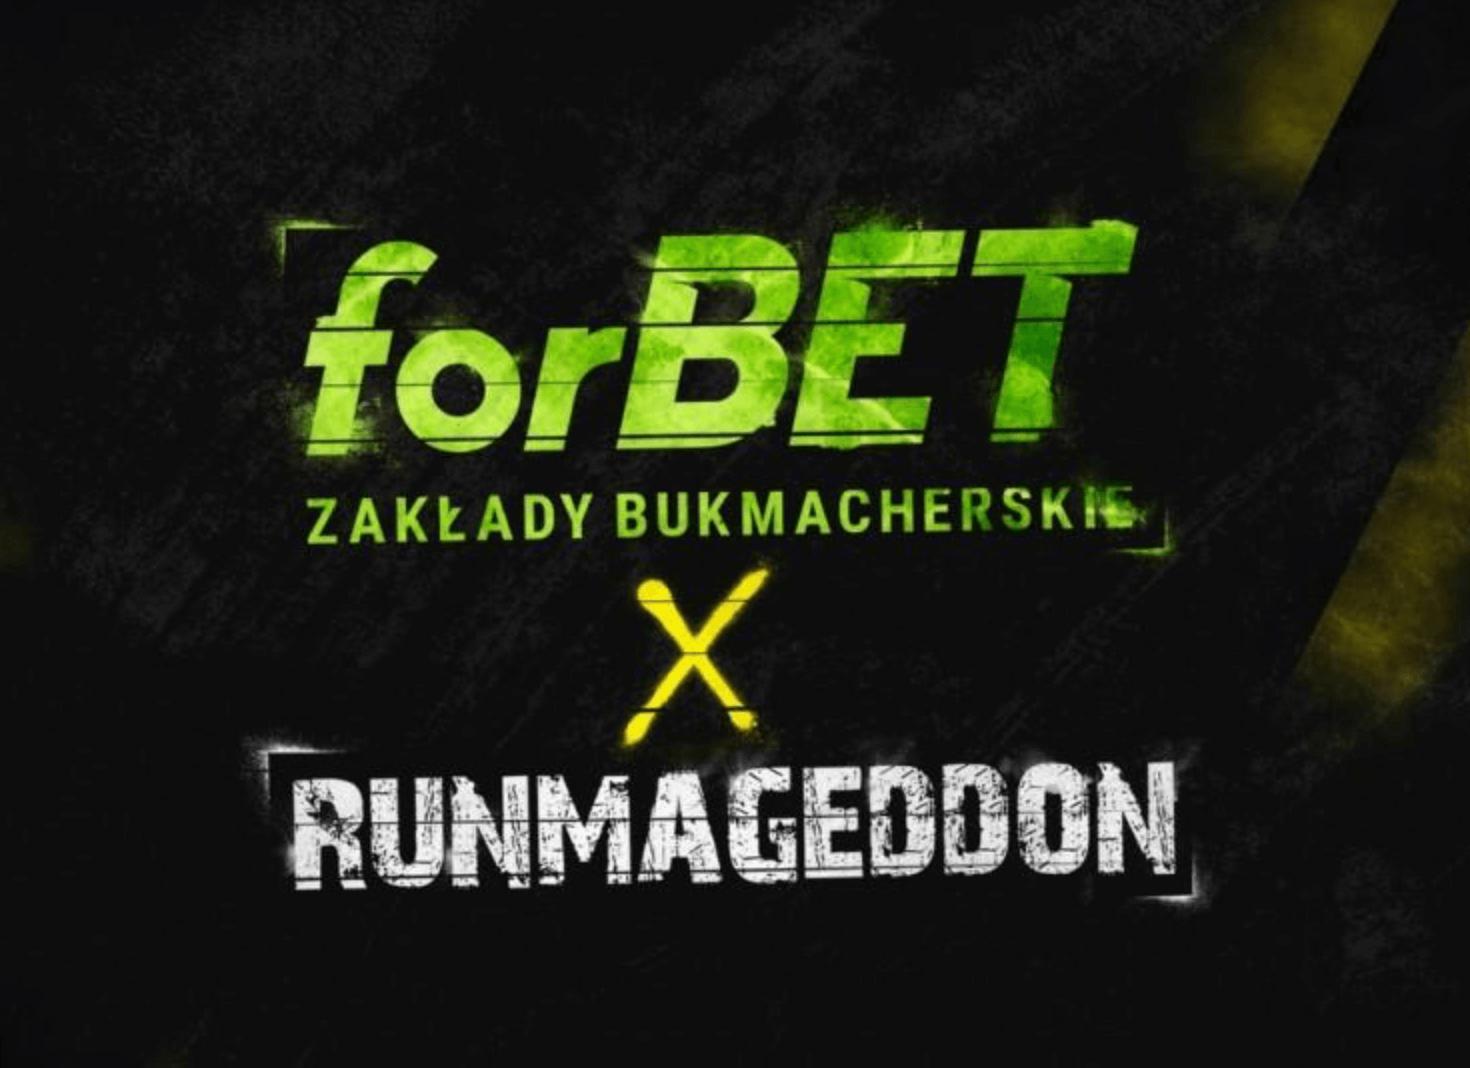 forBET RUNMAGEDDON